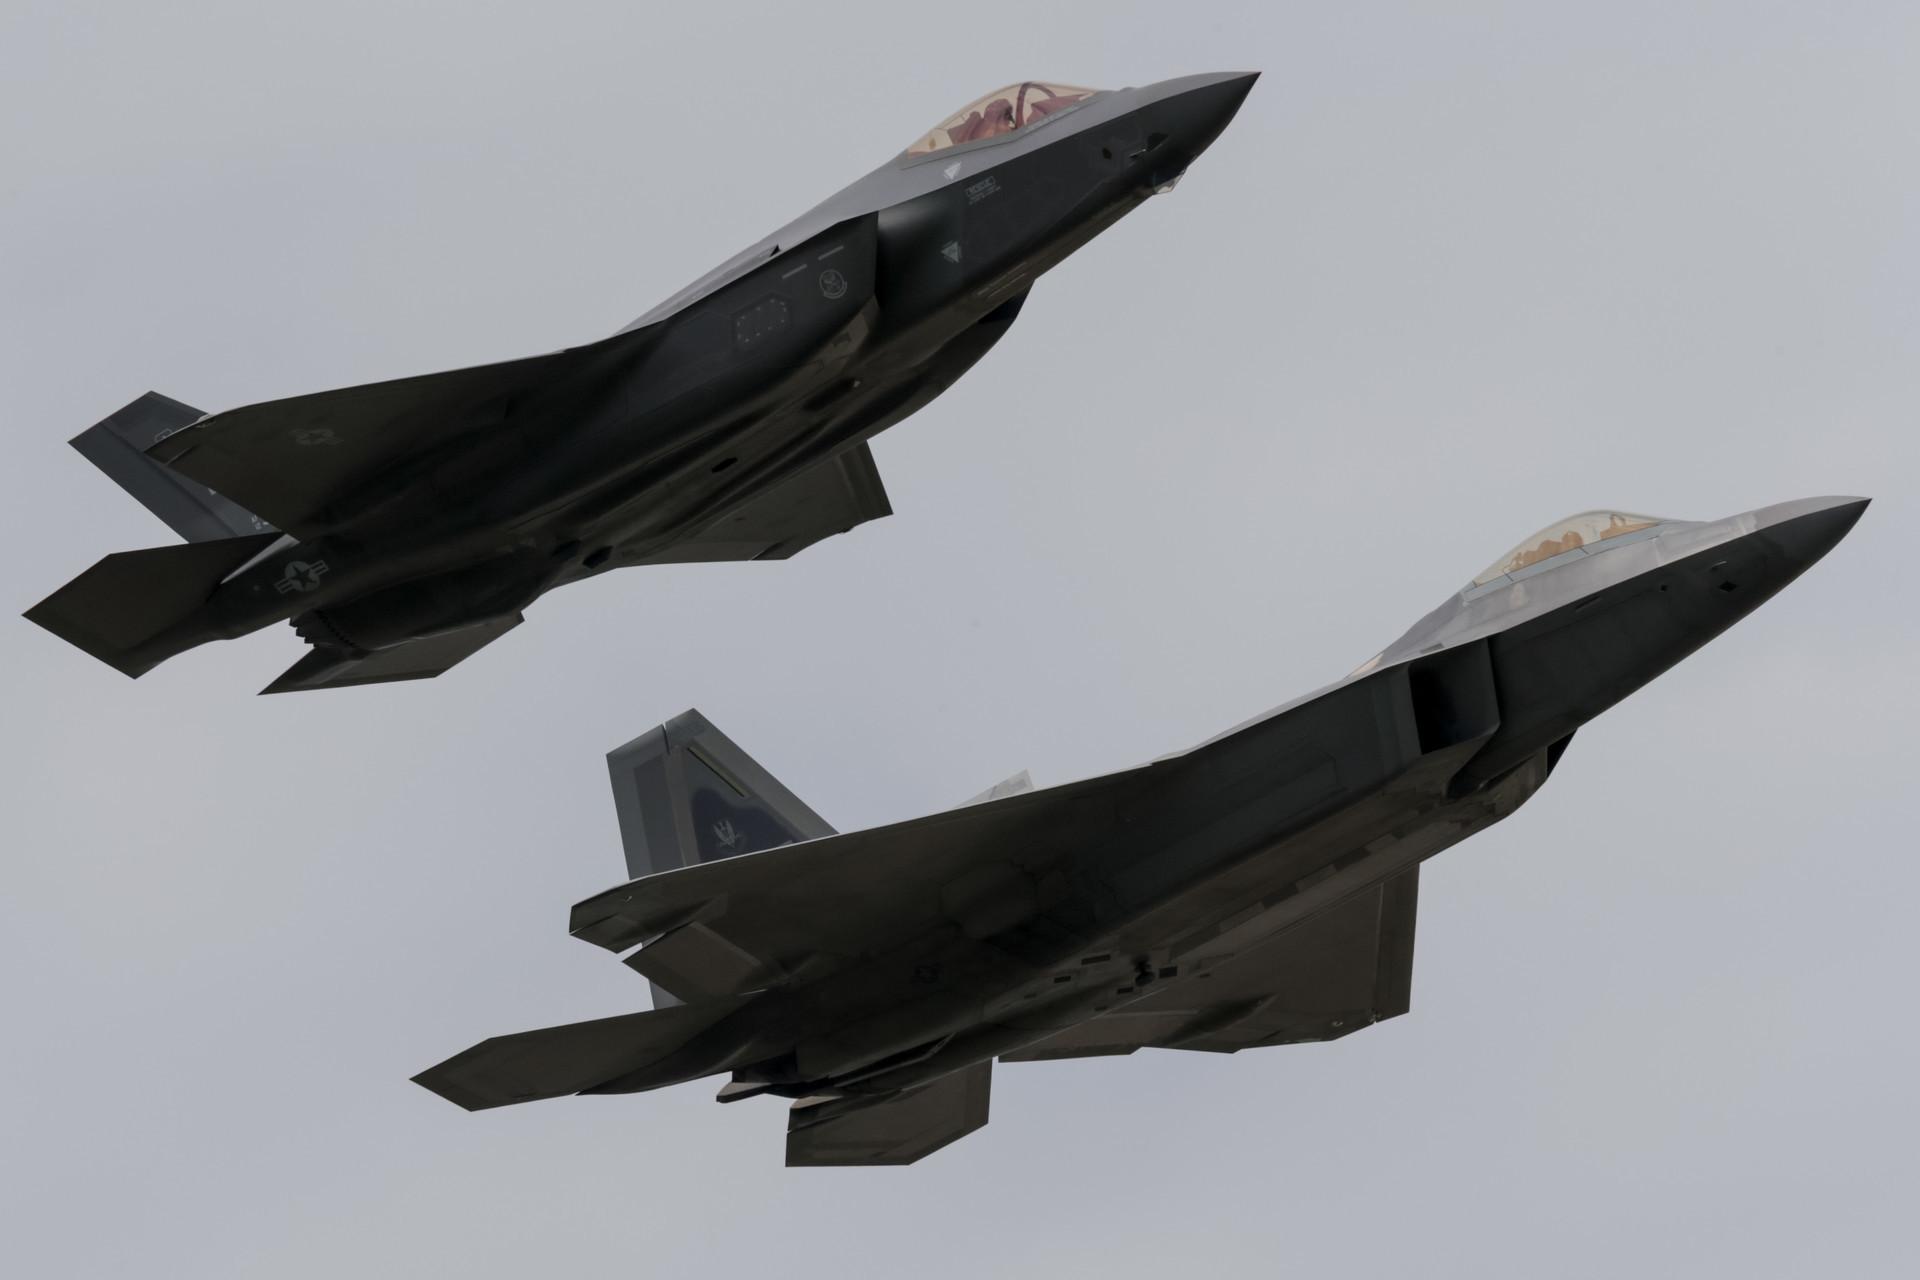 F-35 in F-22